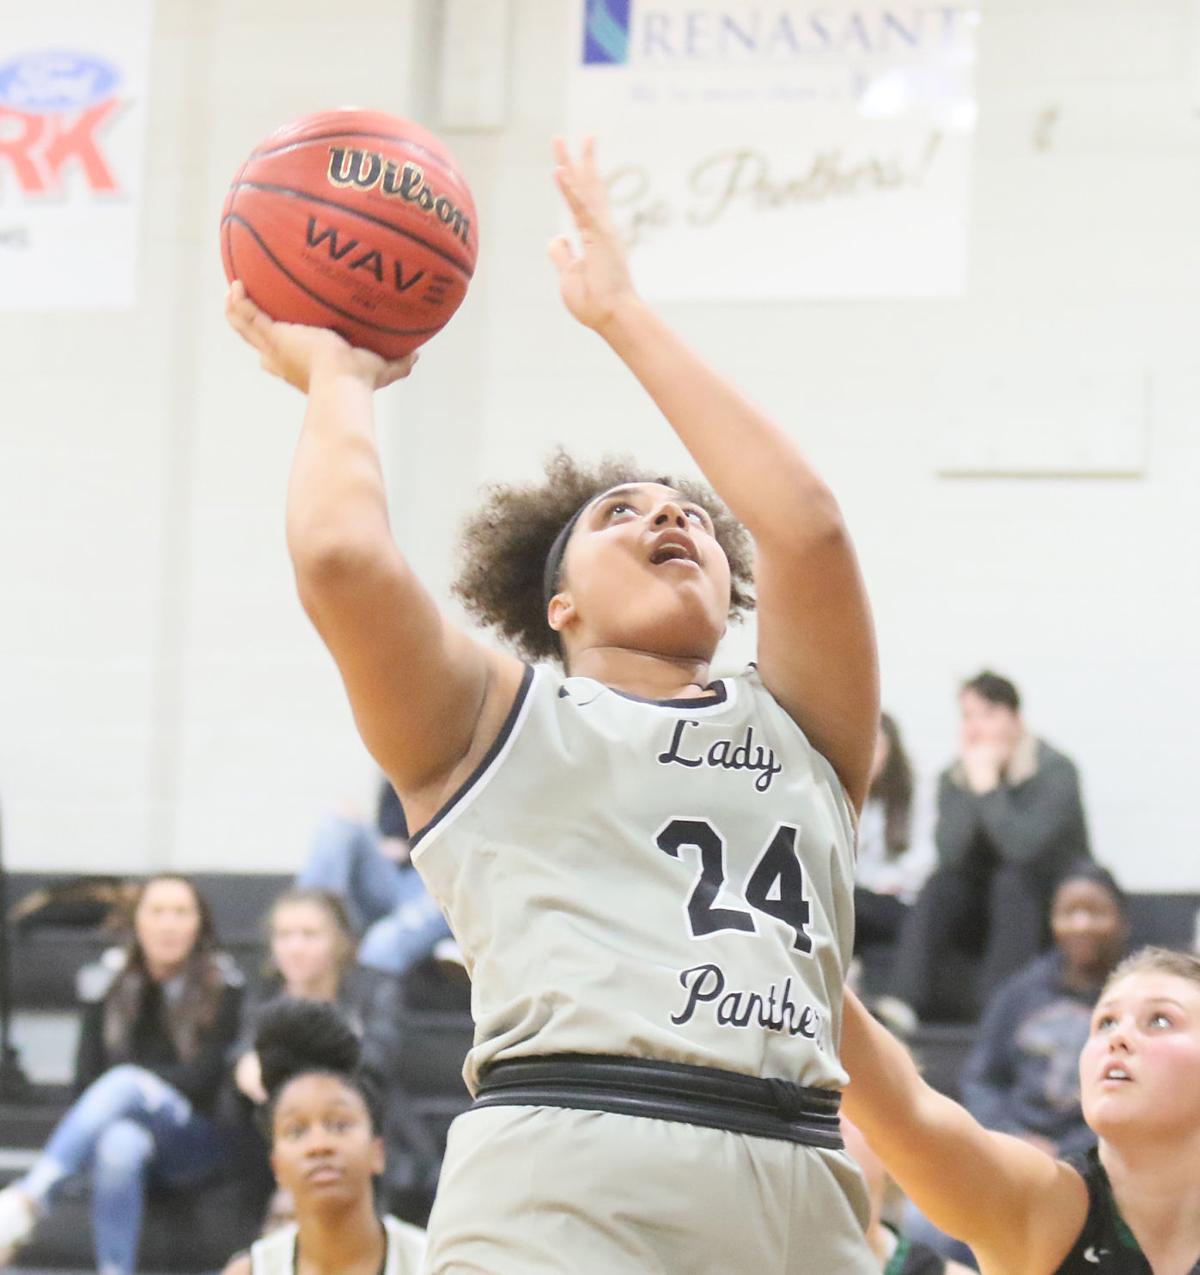 mcj-2019-11-20-sports-amory-hoops1-3c